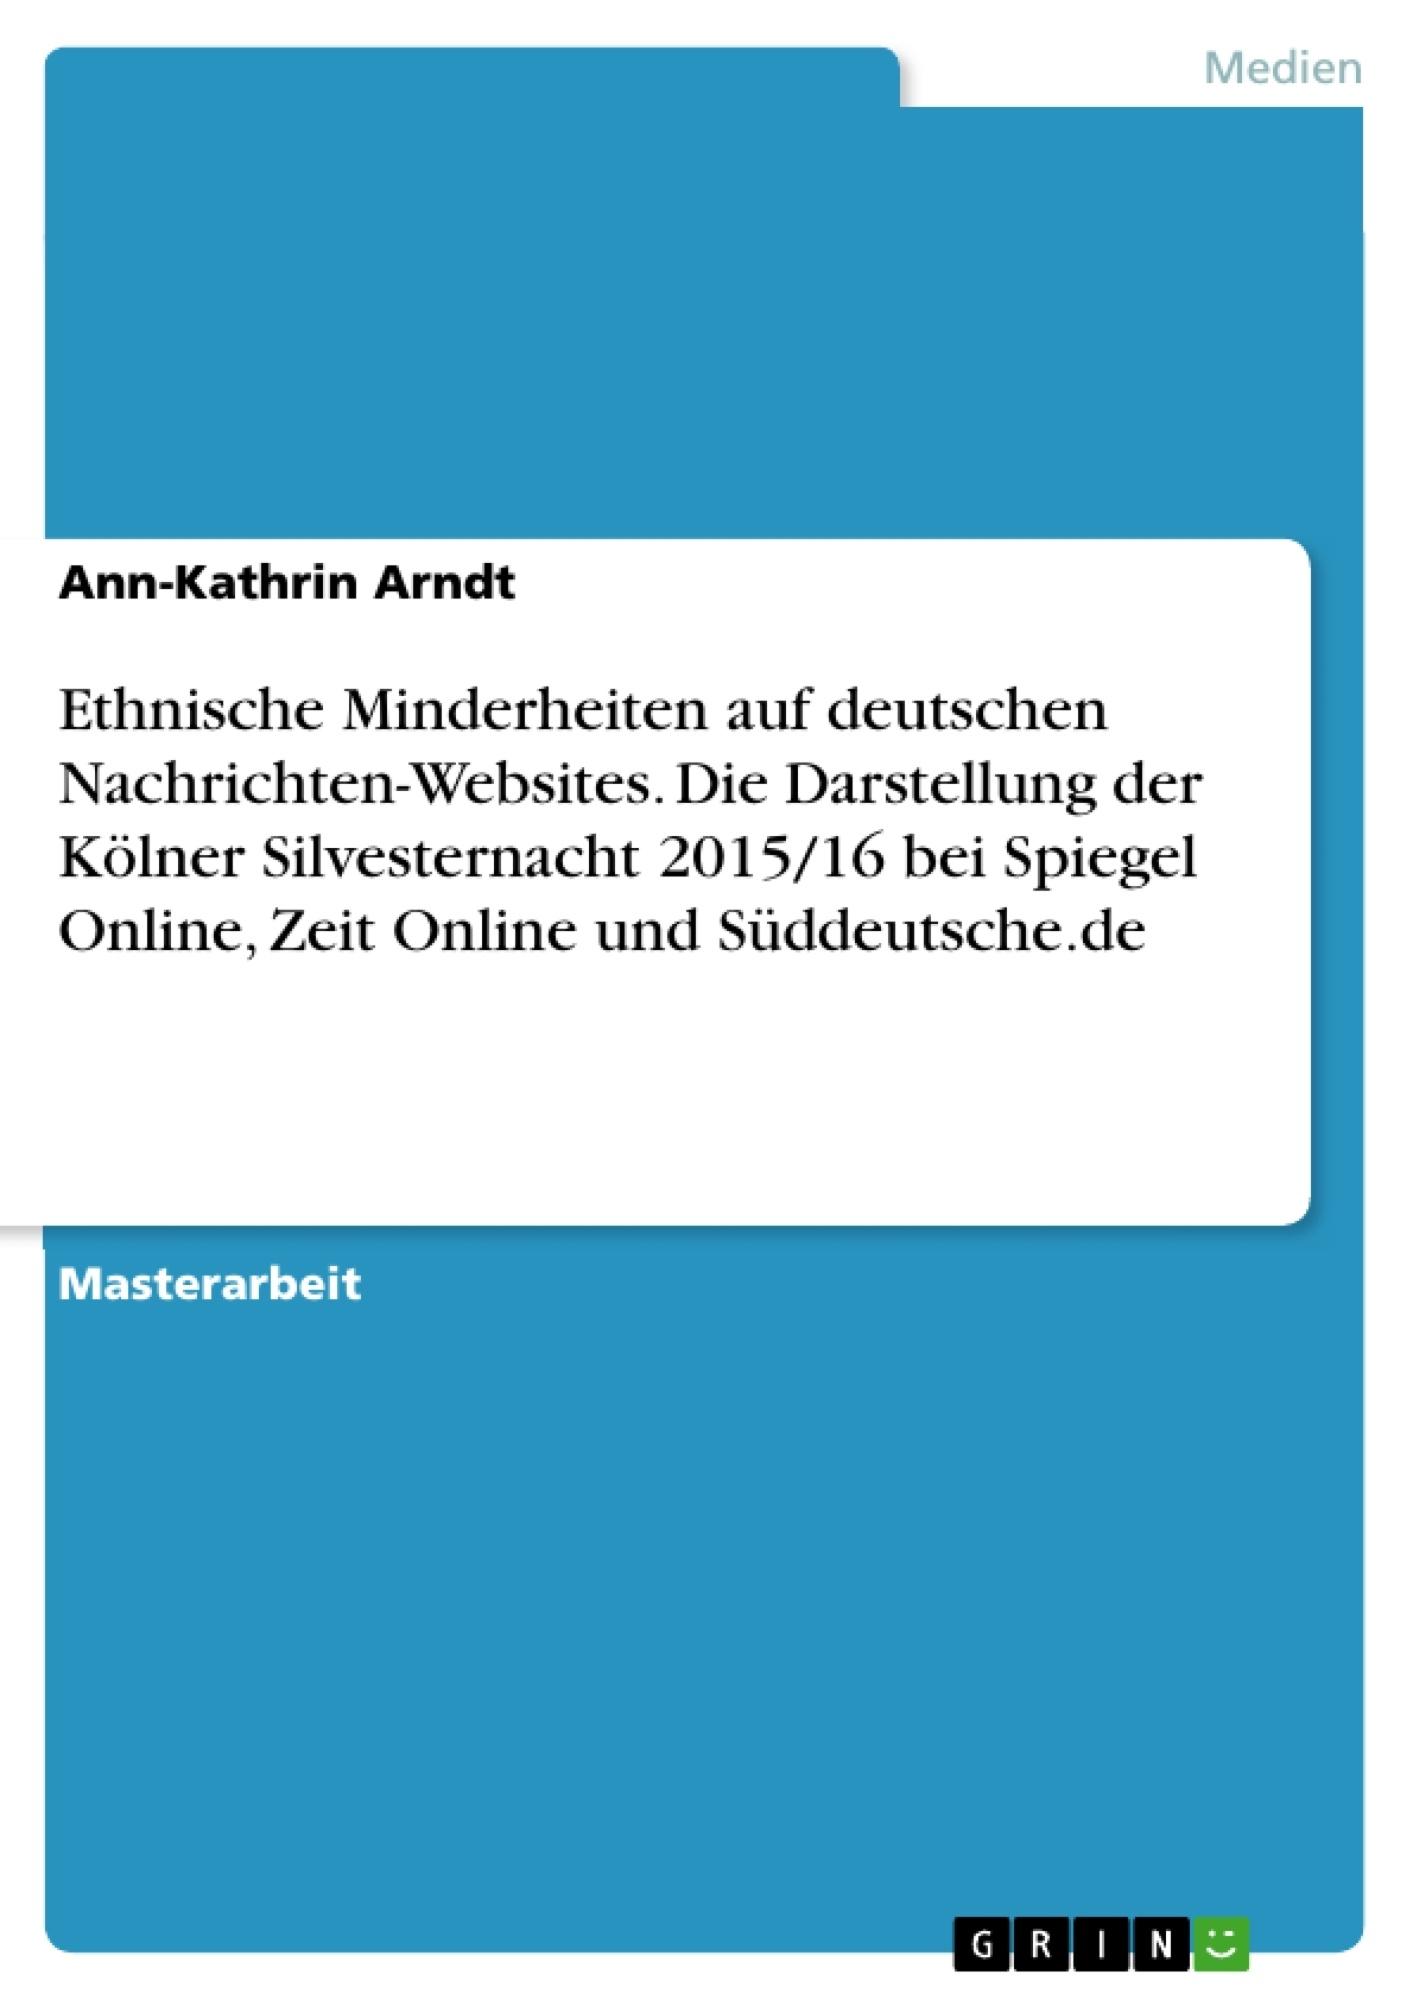 Titel: Ethnische Minderheiten auf deutschen Nachrichten-Websites. Die Darstellung der Kölner Silvesternacht 2015/16 bei Spiegel Online, Zeit Online und Süddeutsche.de